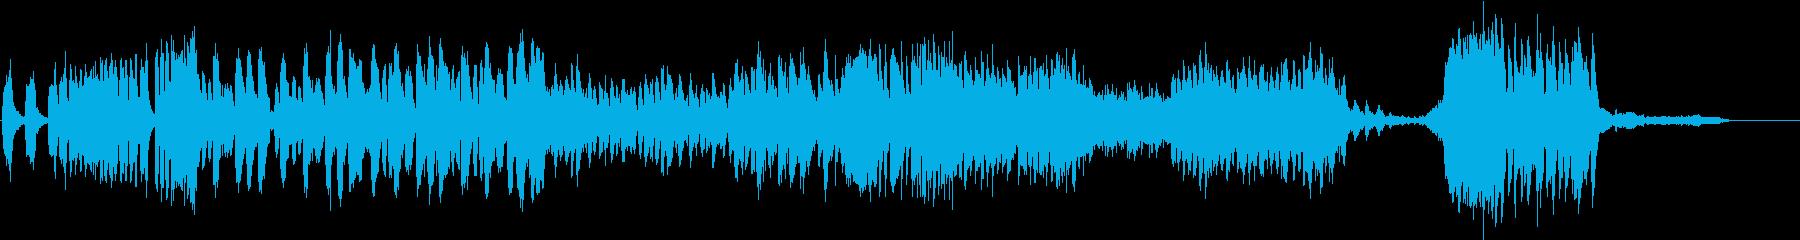 ドヴォルザーク「新世界より」ショート版の再生済みの波形